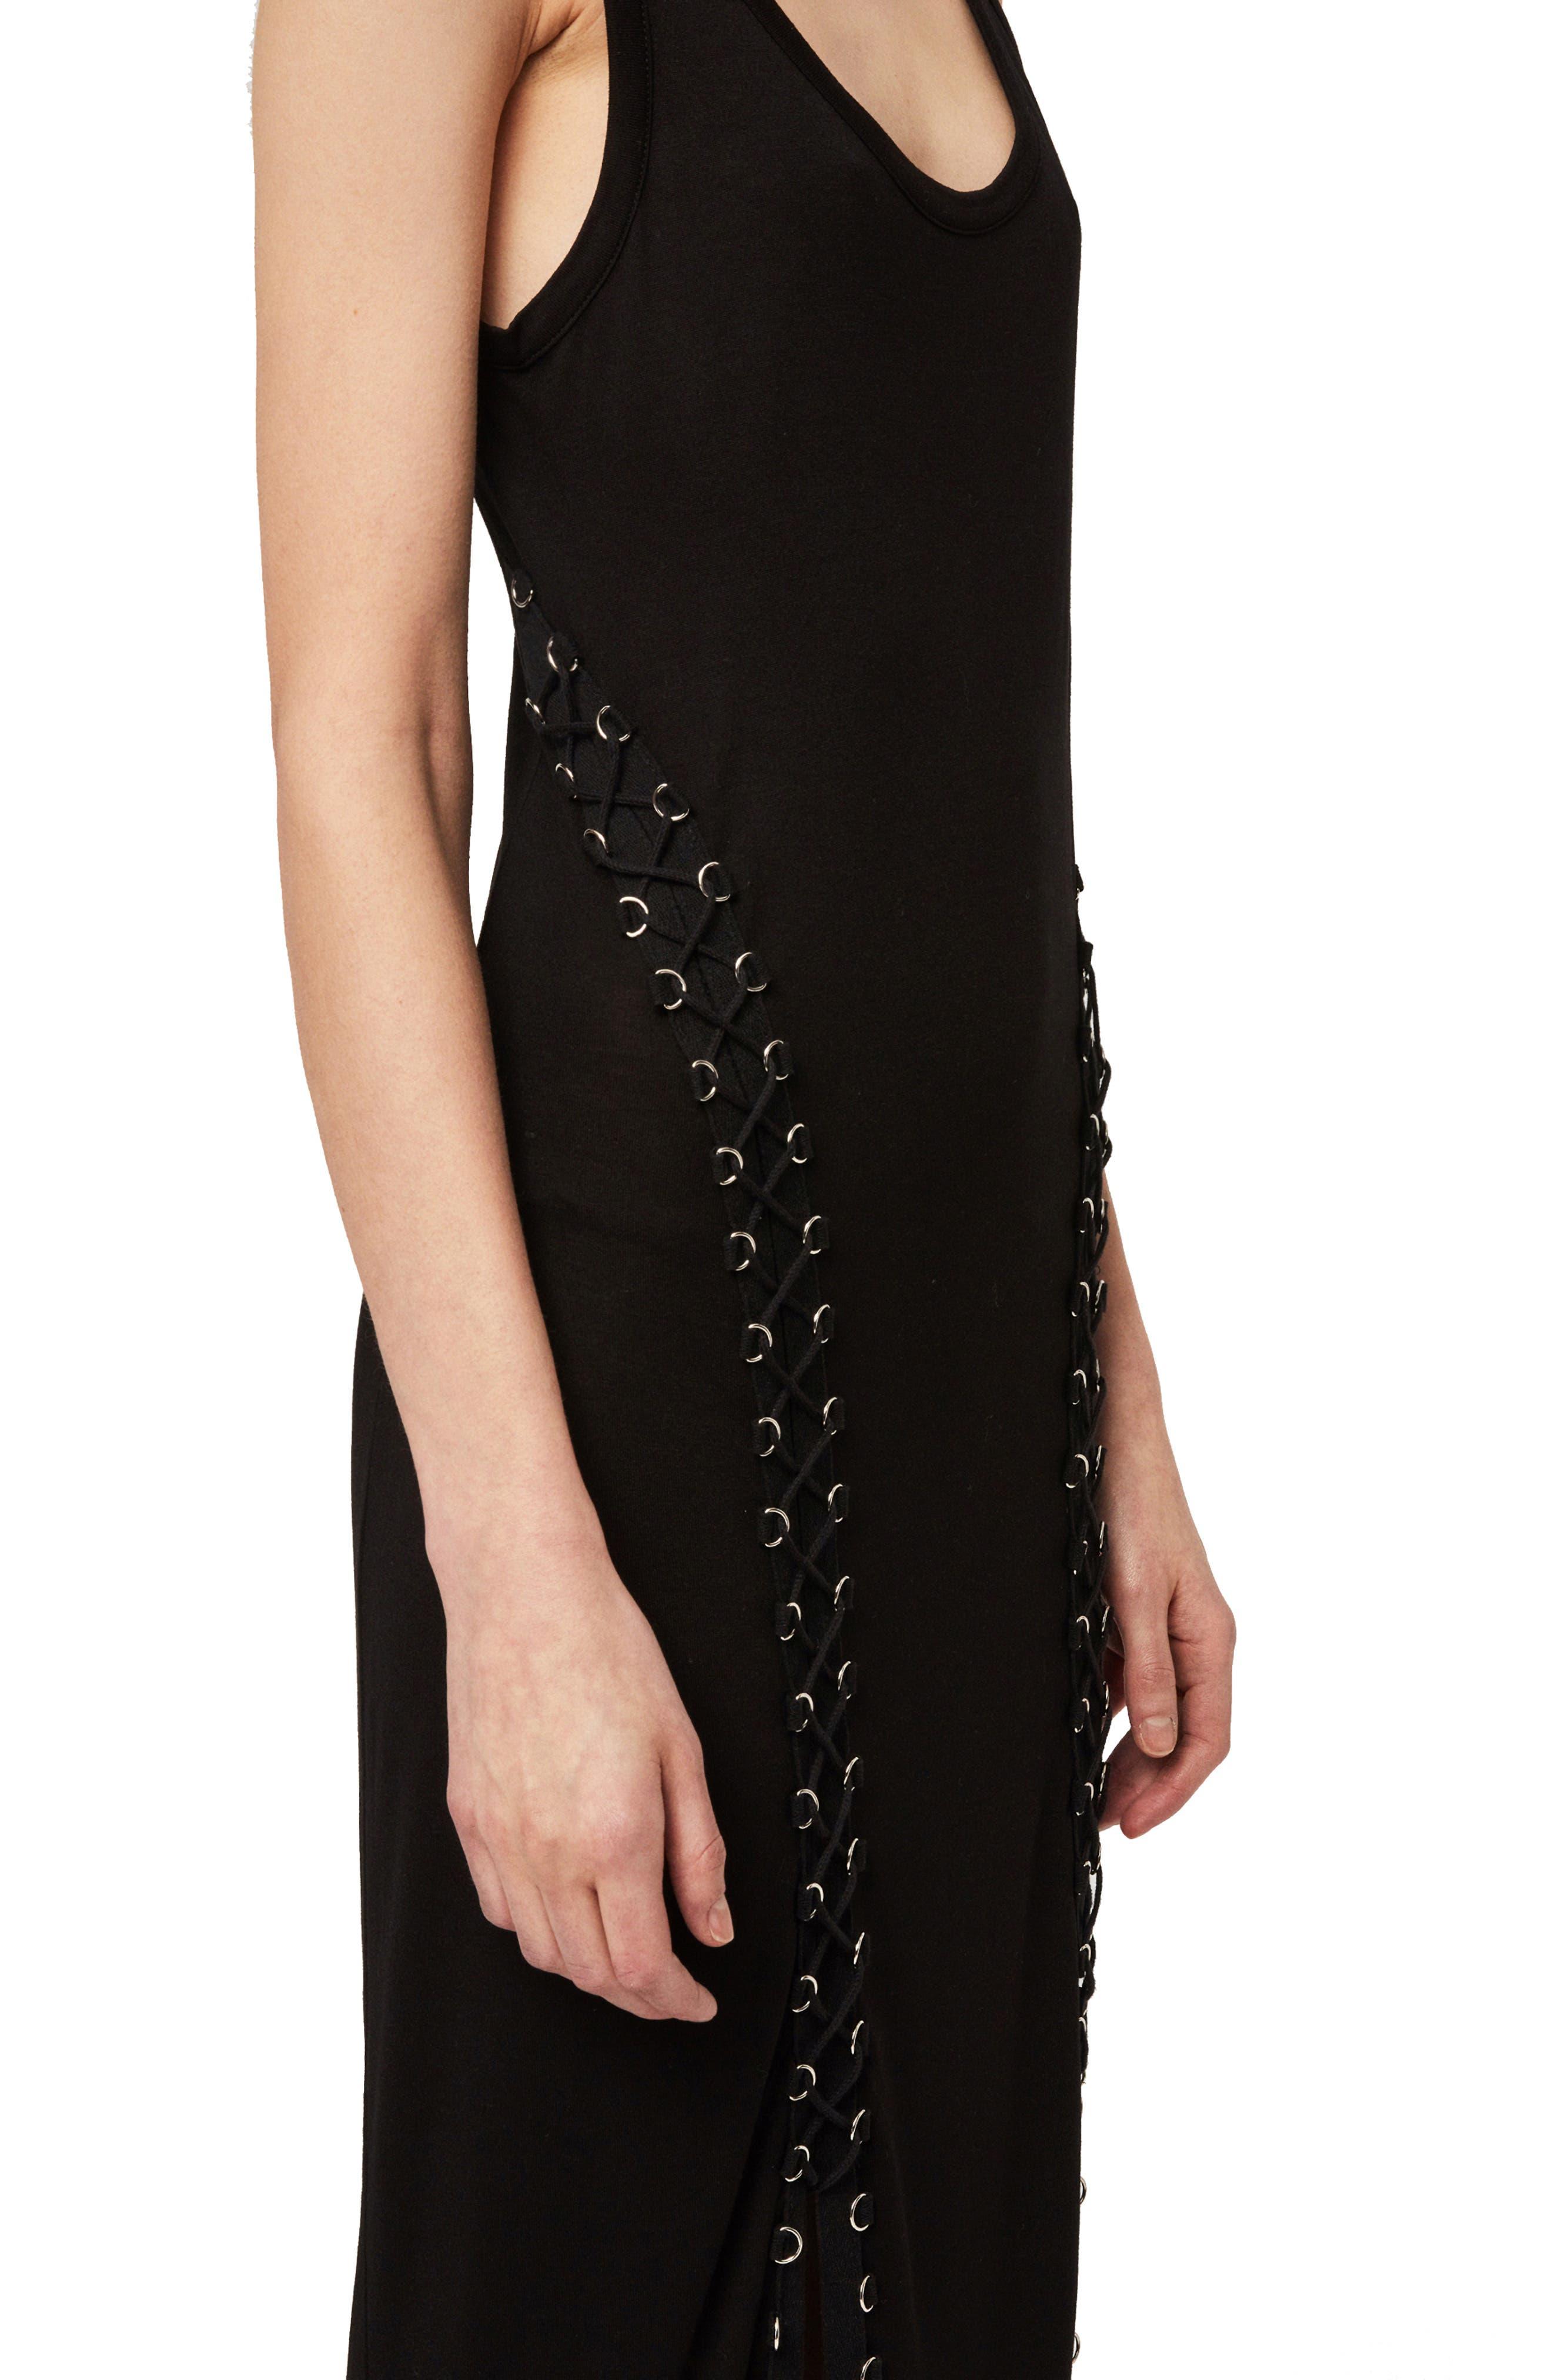 ALLSAINTS, Daner Lace-Up Side Maxi Dress, Alternate thumbnail 4, color, BLACK